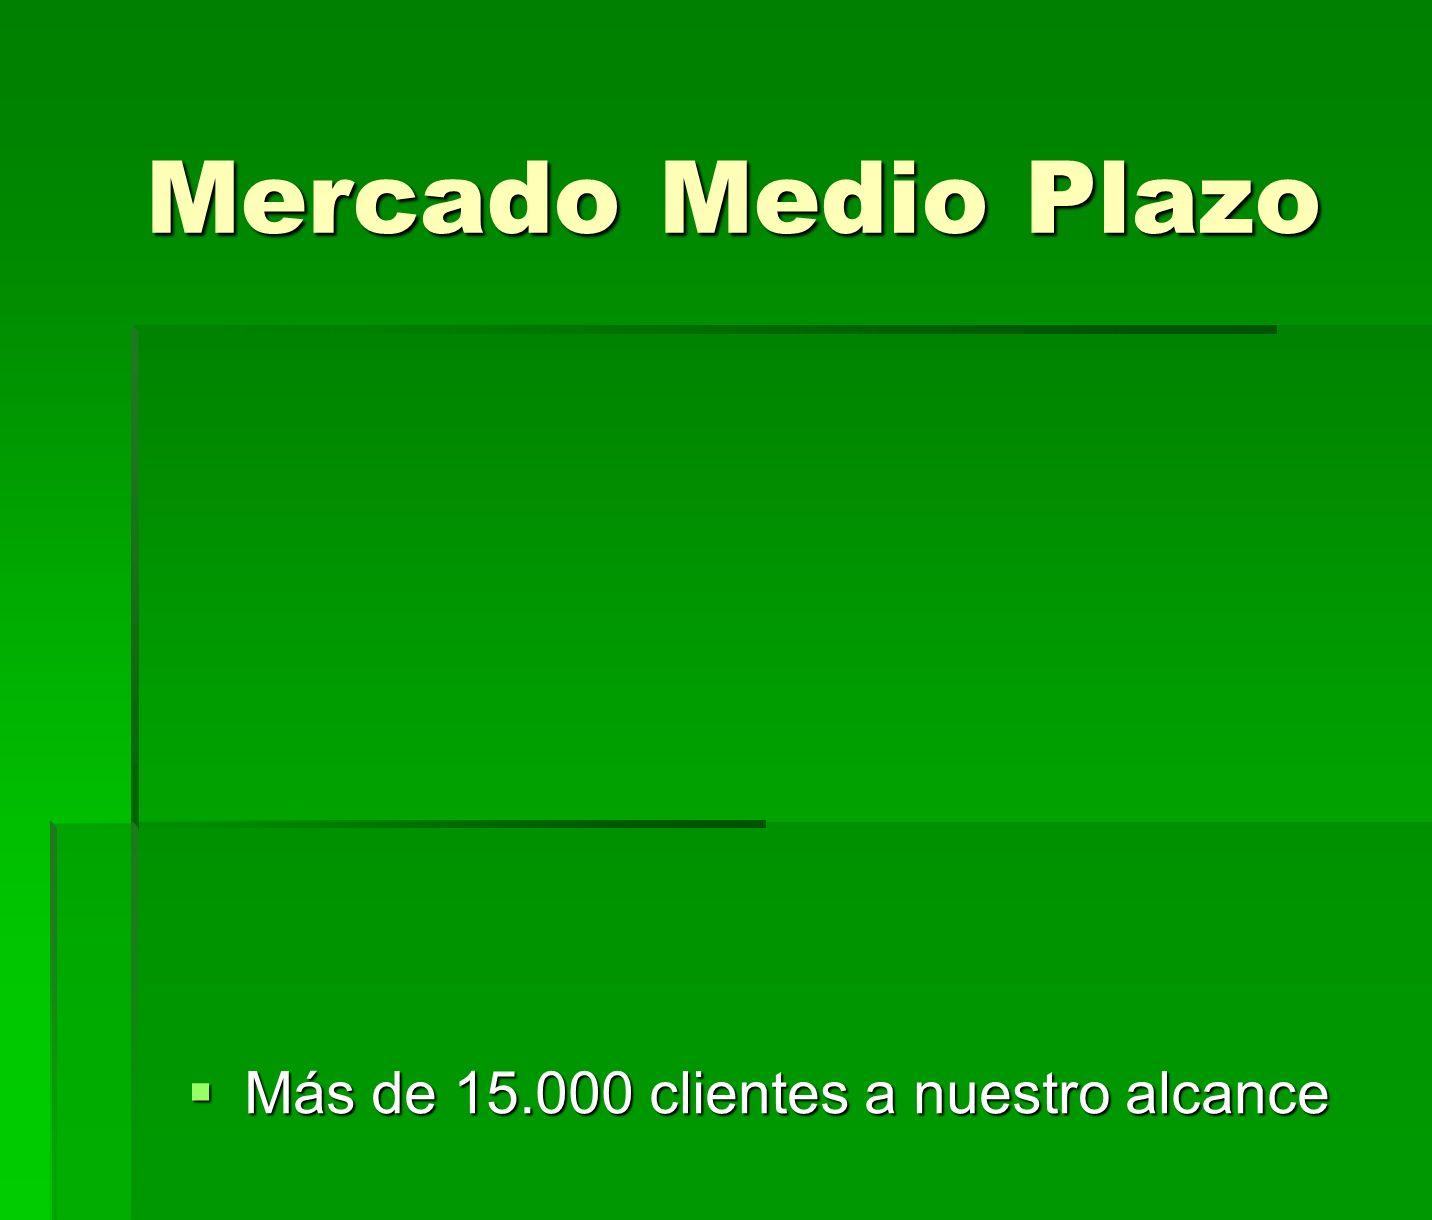 Mercado Medio Plazo Mercado Medio Plazo Más de 15.000 clientes a nuestro alcance Más de 15.000 clientes a nuestro alcance